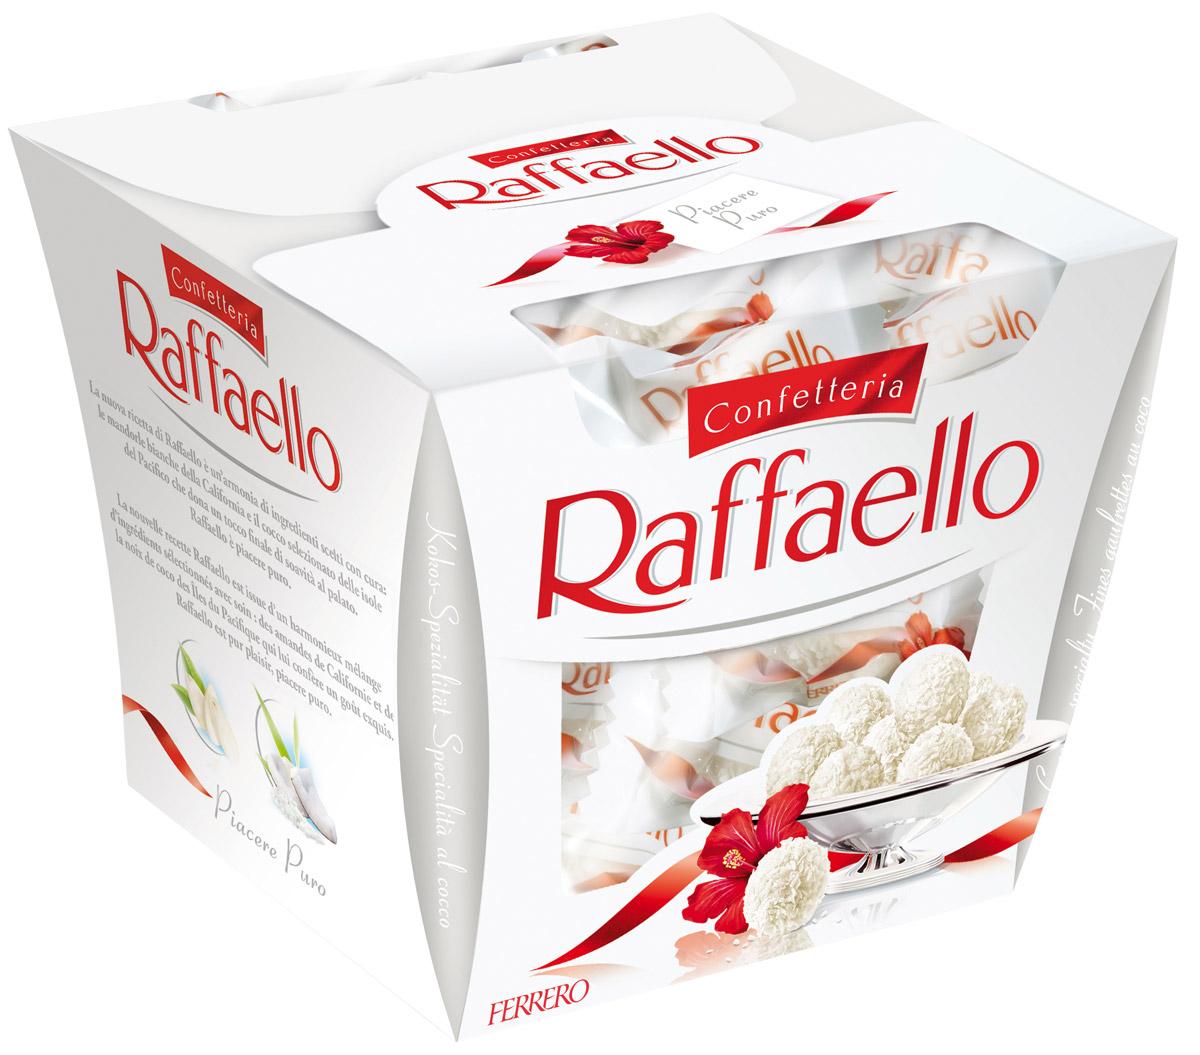 Raffaello конфеты с цельным миндальным орехом в кокосовой обсыпке, 150 г0120710Конфеты Рафаэлло с цельным миндальным орехом в кокосовой обсыпке.